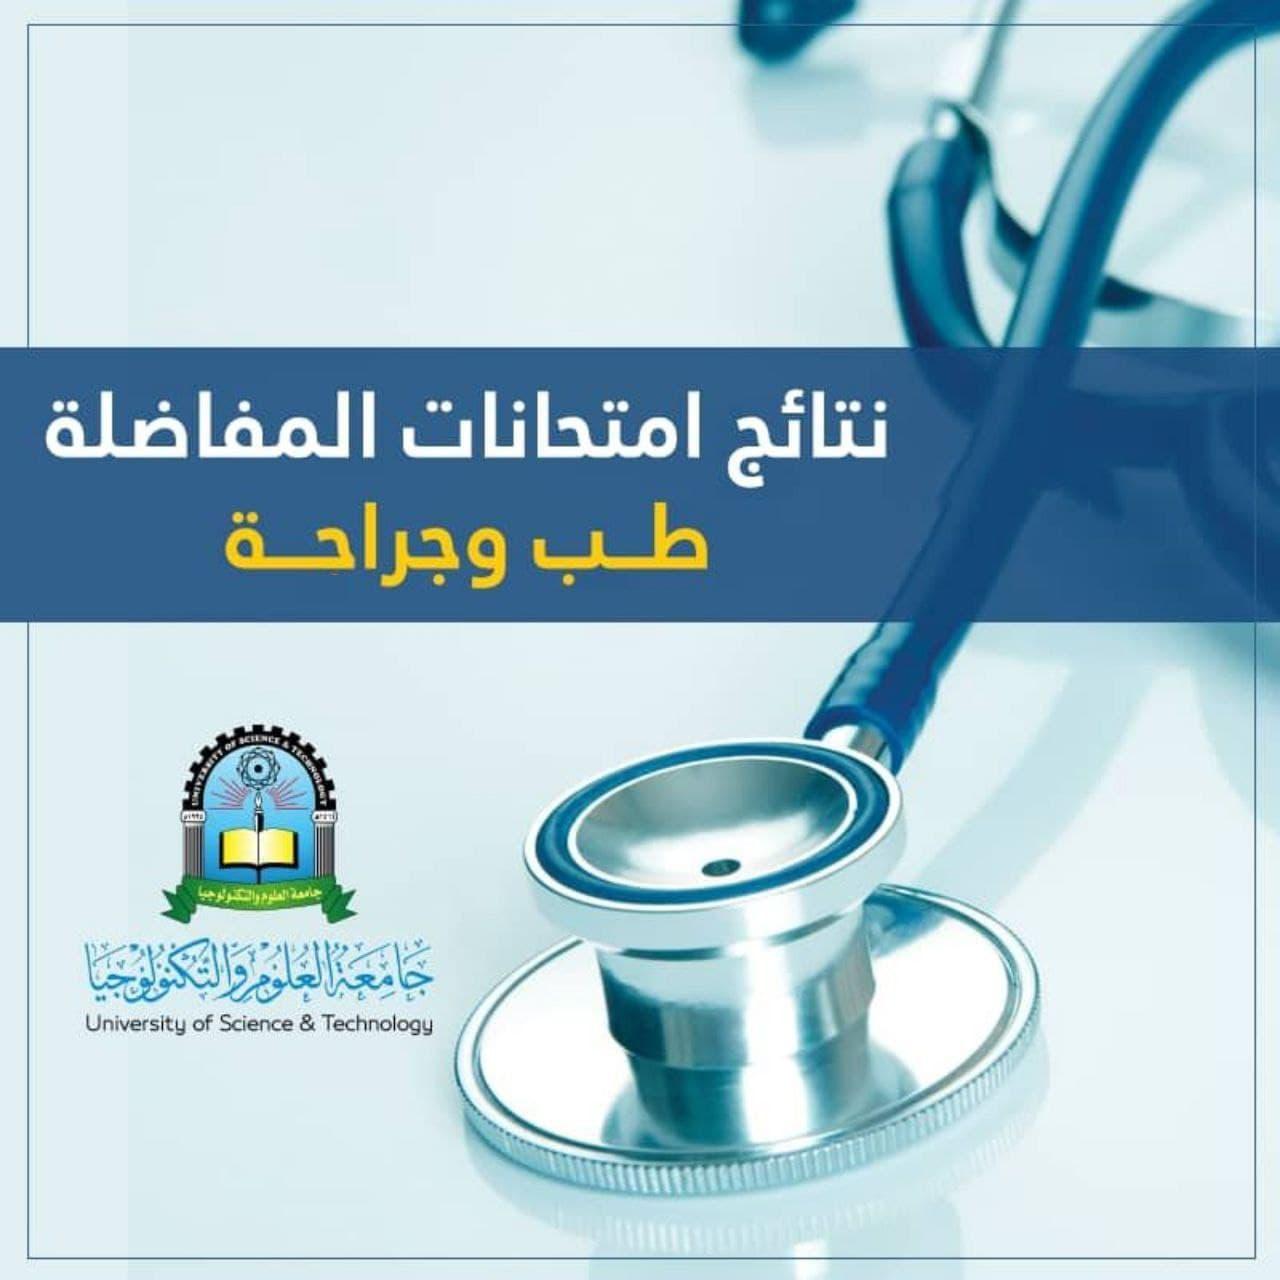 نتائج امتحان المفاضلة للمتقدمين في طب والجراحة للعام الجامعي 2021/ 2022 م.